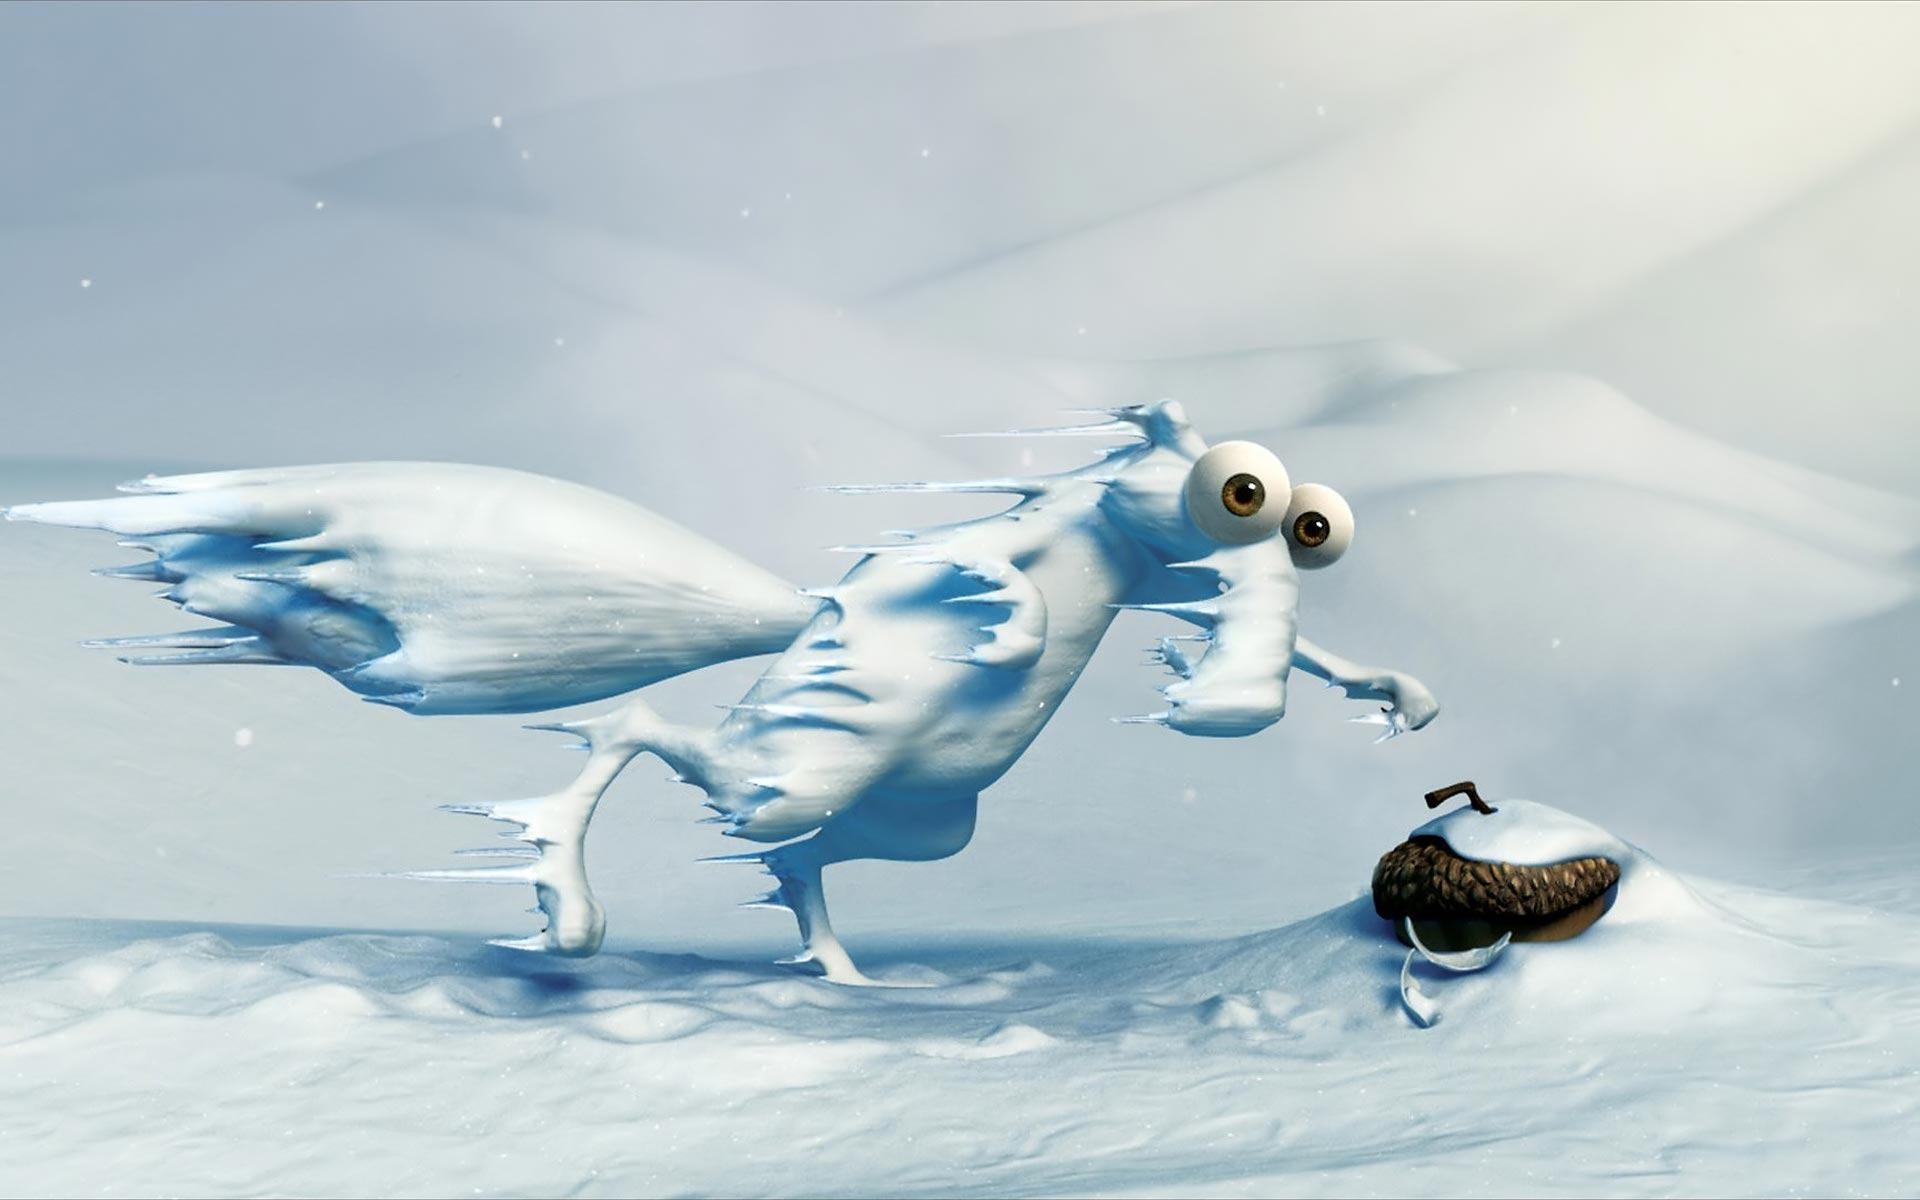 зима, пробки, ледниковый период, машины, фэнтези  № 1653888  скачать